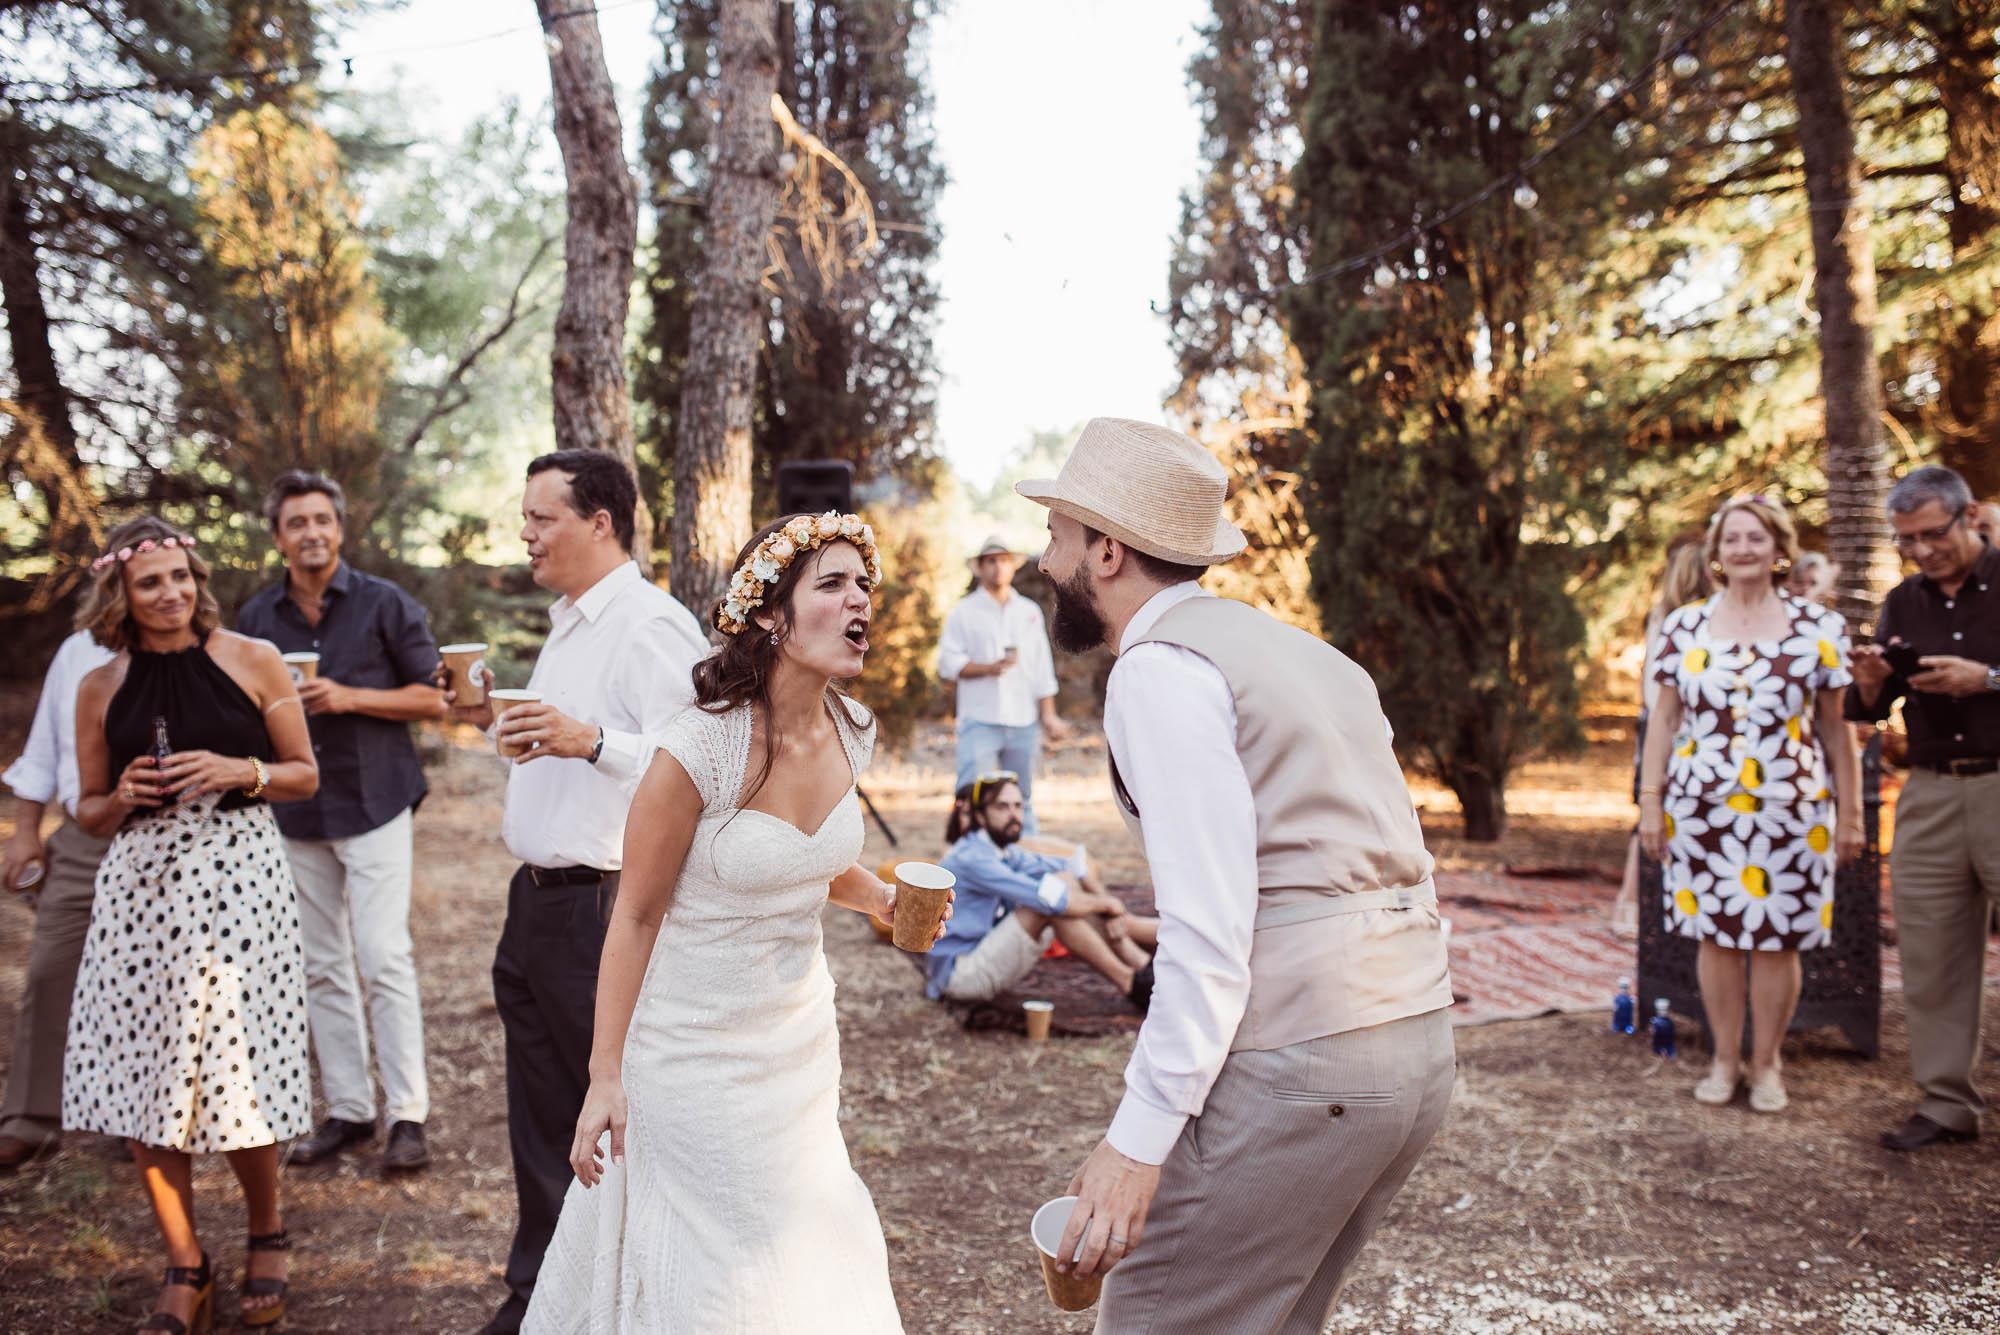 Los novios se divierten bailando durante la fiesta en el bosque